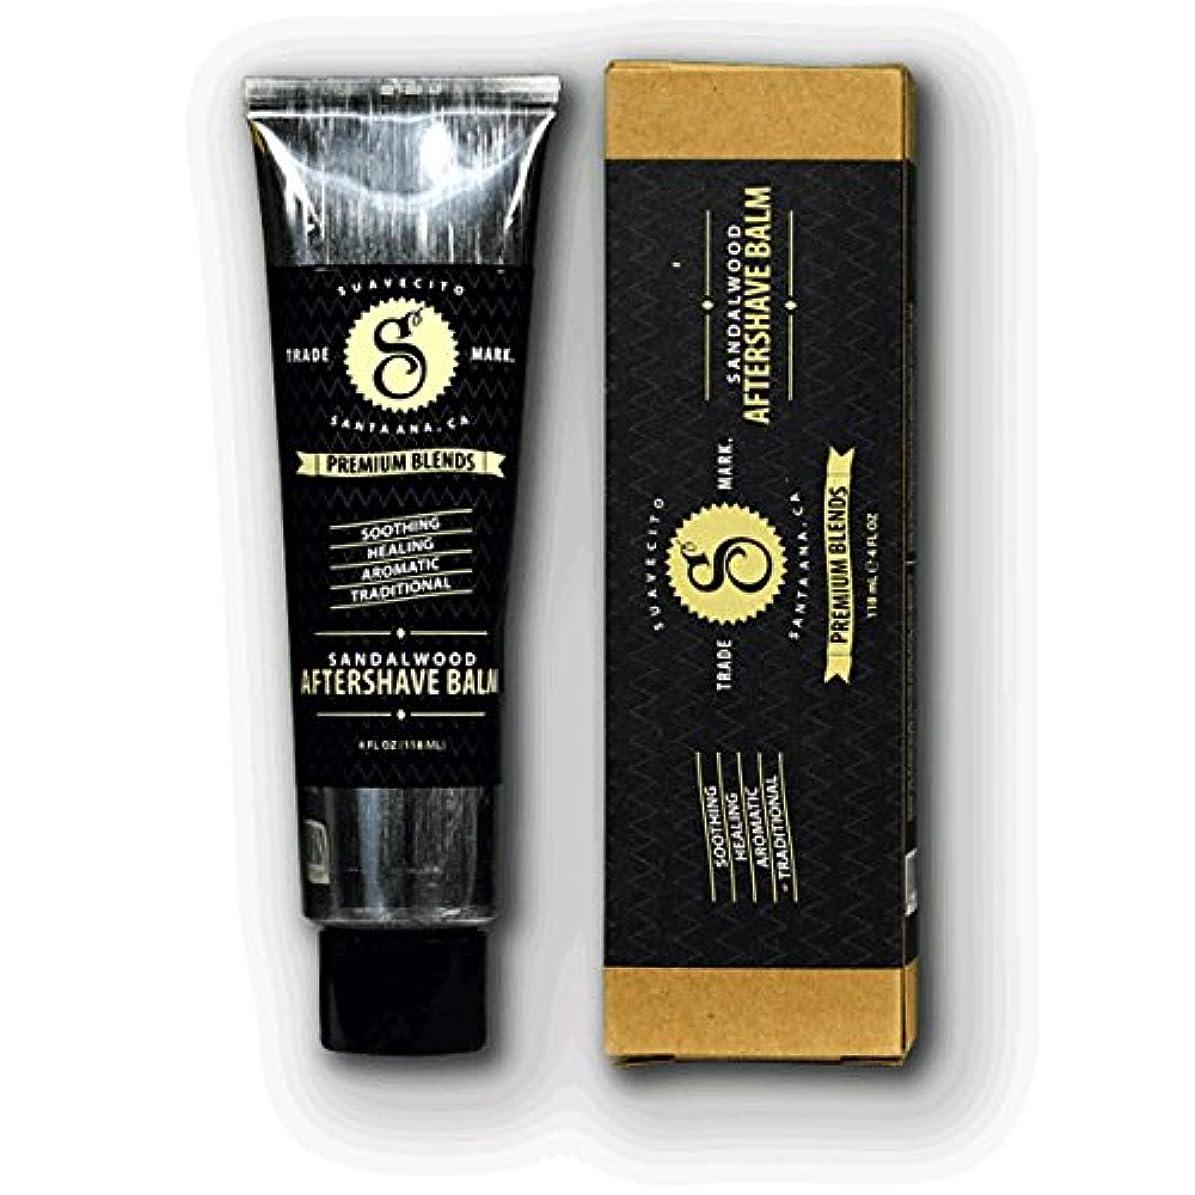 メッセージ製造業遺伝子SUAVECITO スアベシート 【Premium Blends Sandalwood Aftershave Balm 4oz】 シェービングクリーム 4OZ(約110G)